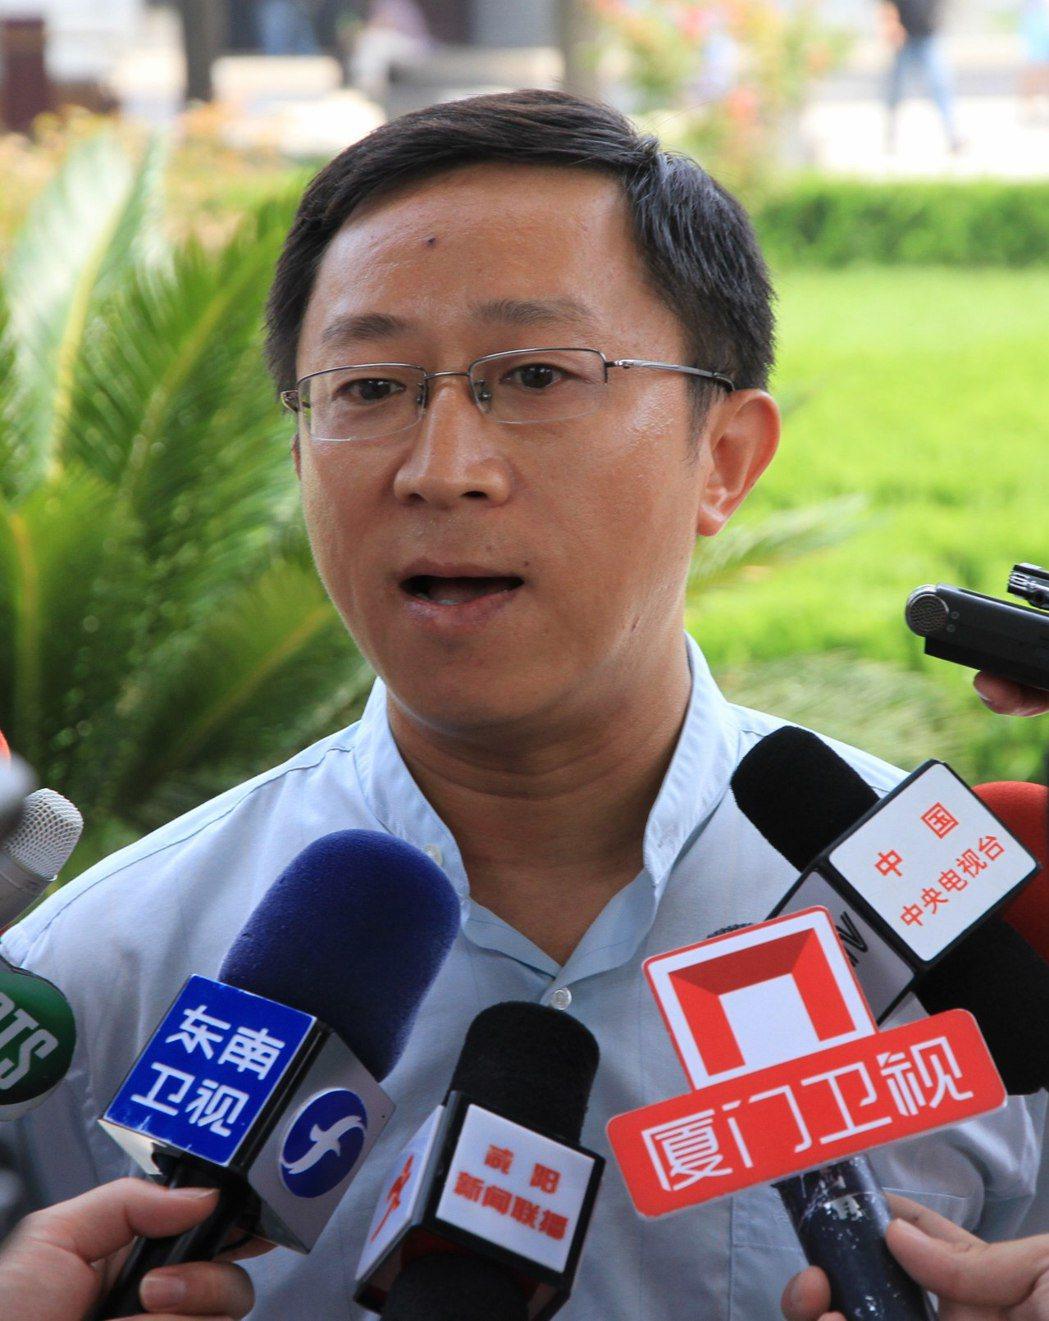 國台辦前任新聞局局長楊毅反應靈敏,圖為他在2013年7月接受兩岸記者採訪時場景。...